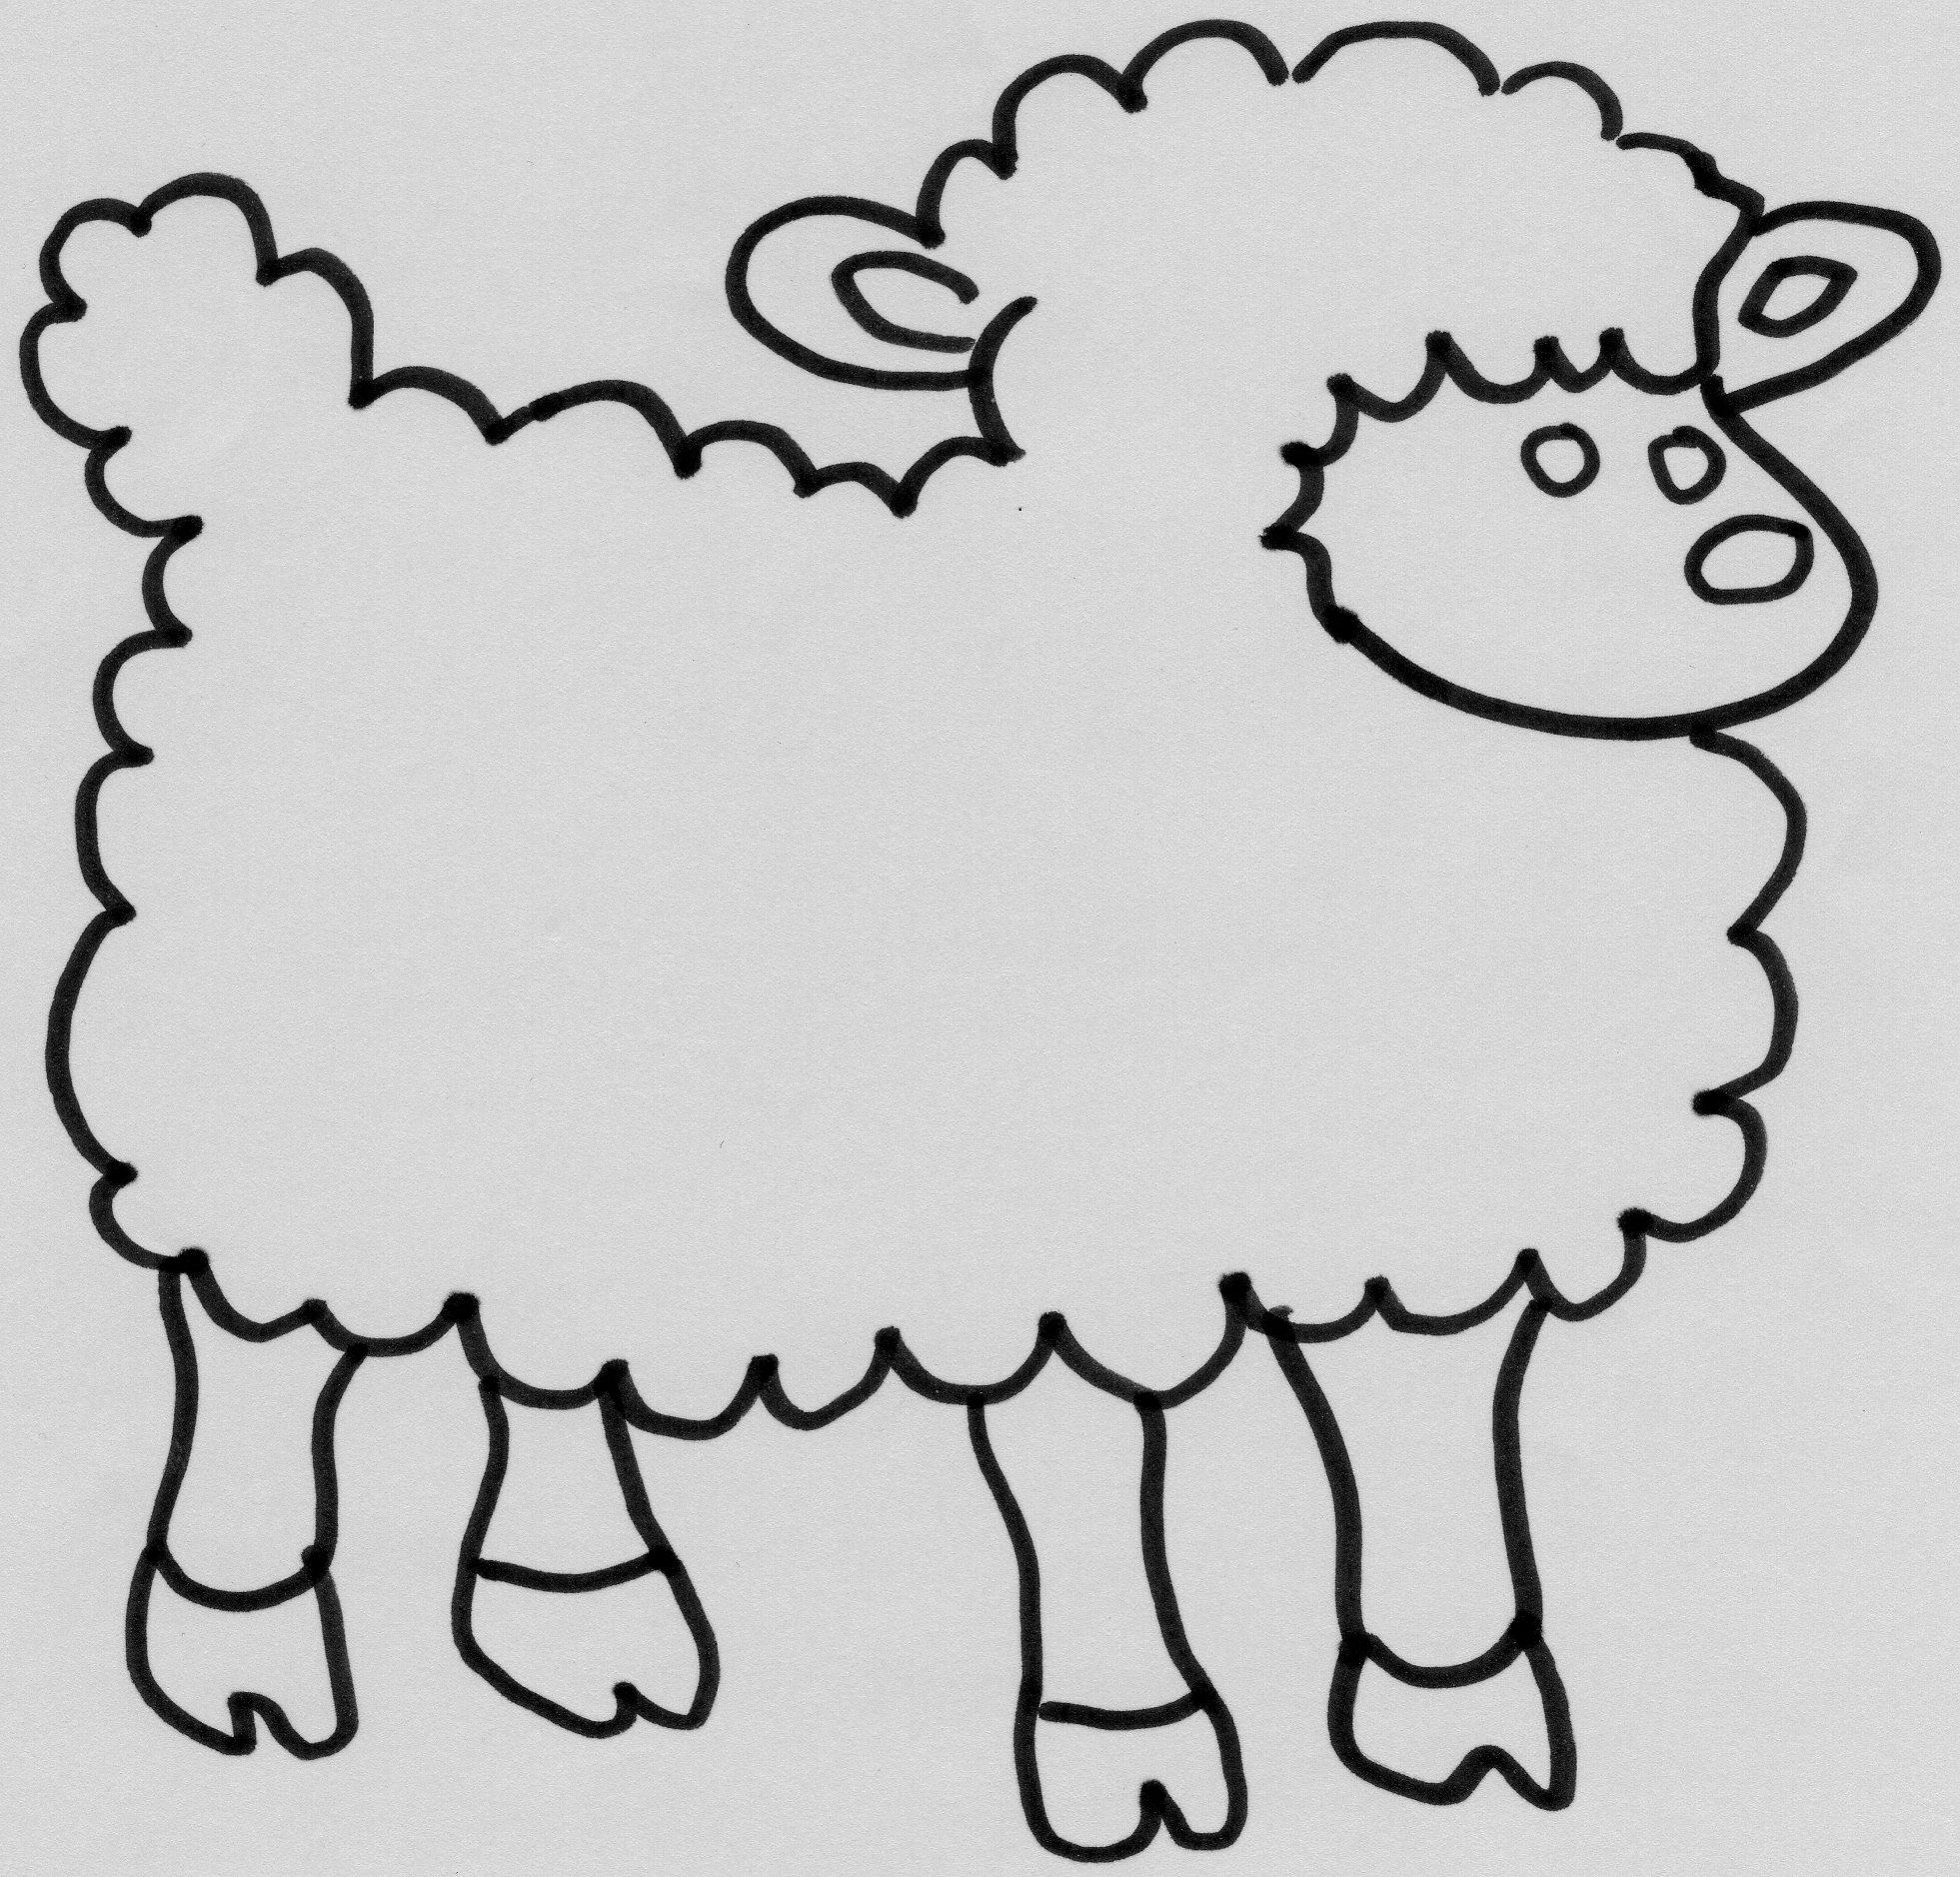 Dessins Gratuits À Colorier - Coloriage Mouton À Imprimer dedans Dessin Mouton Rigolo